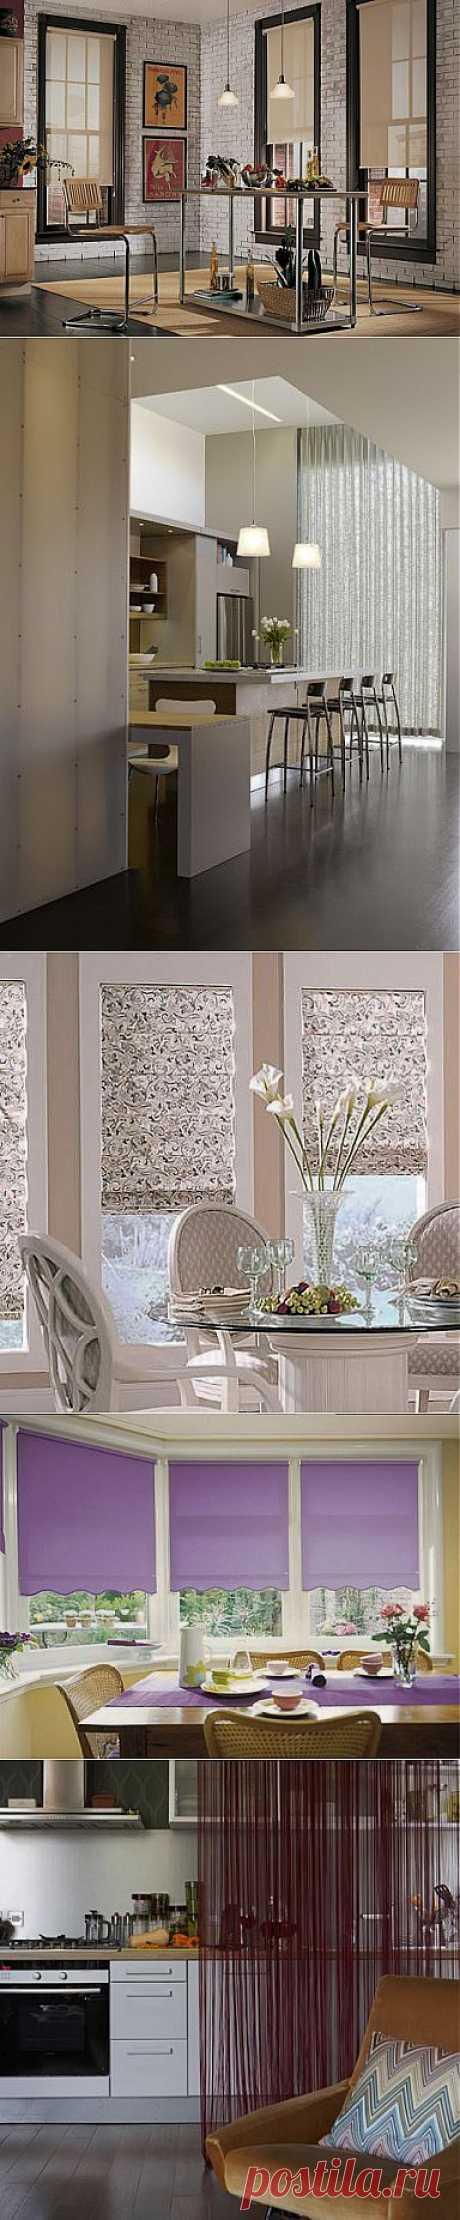 Подбираем модные шторы для стильного интерьера кухни: самые горячие тренды | ВСЁ ДЛЯ ДОМА